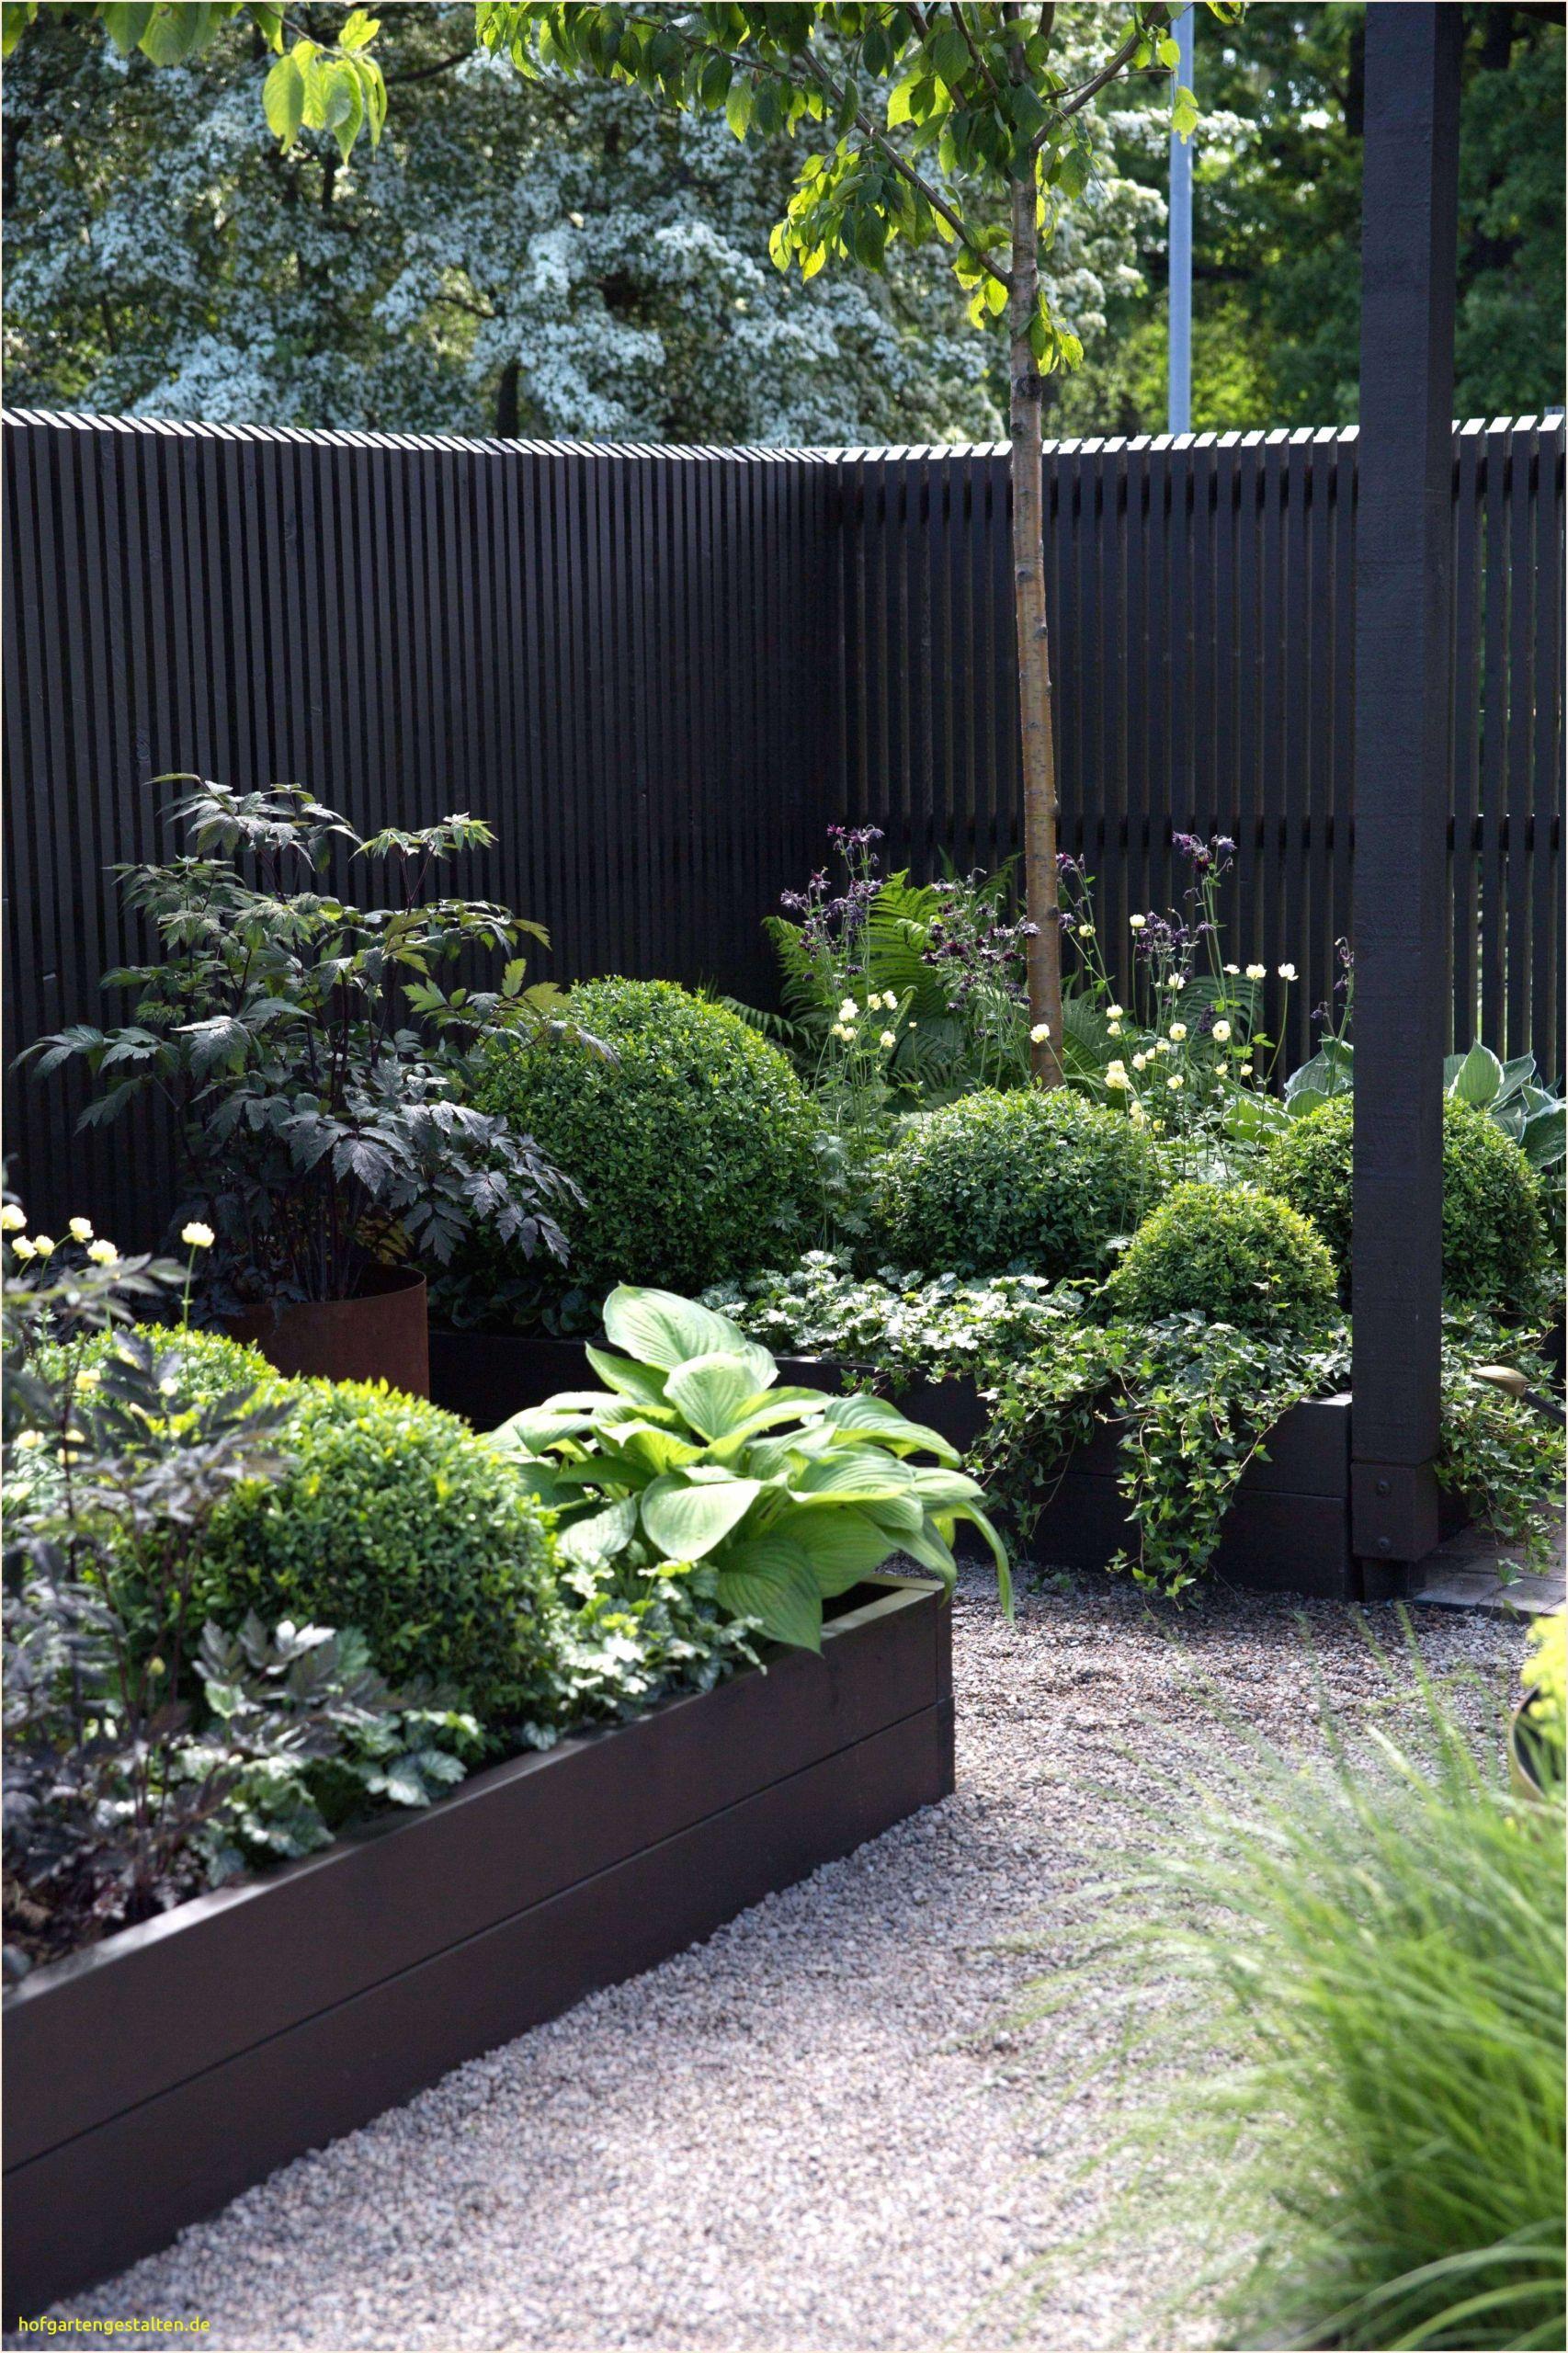 Bauerngarten Gestalten Ideen Luxus Alten Garten Neu Anlegen — Temobardz Home Blog